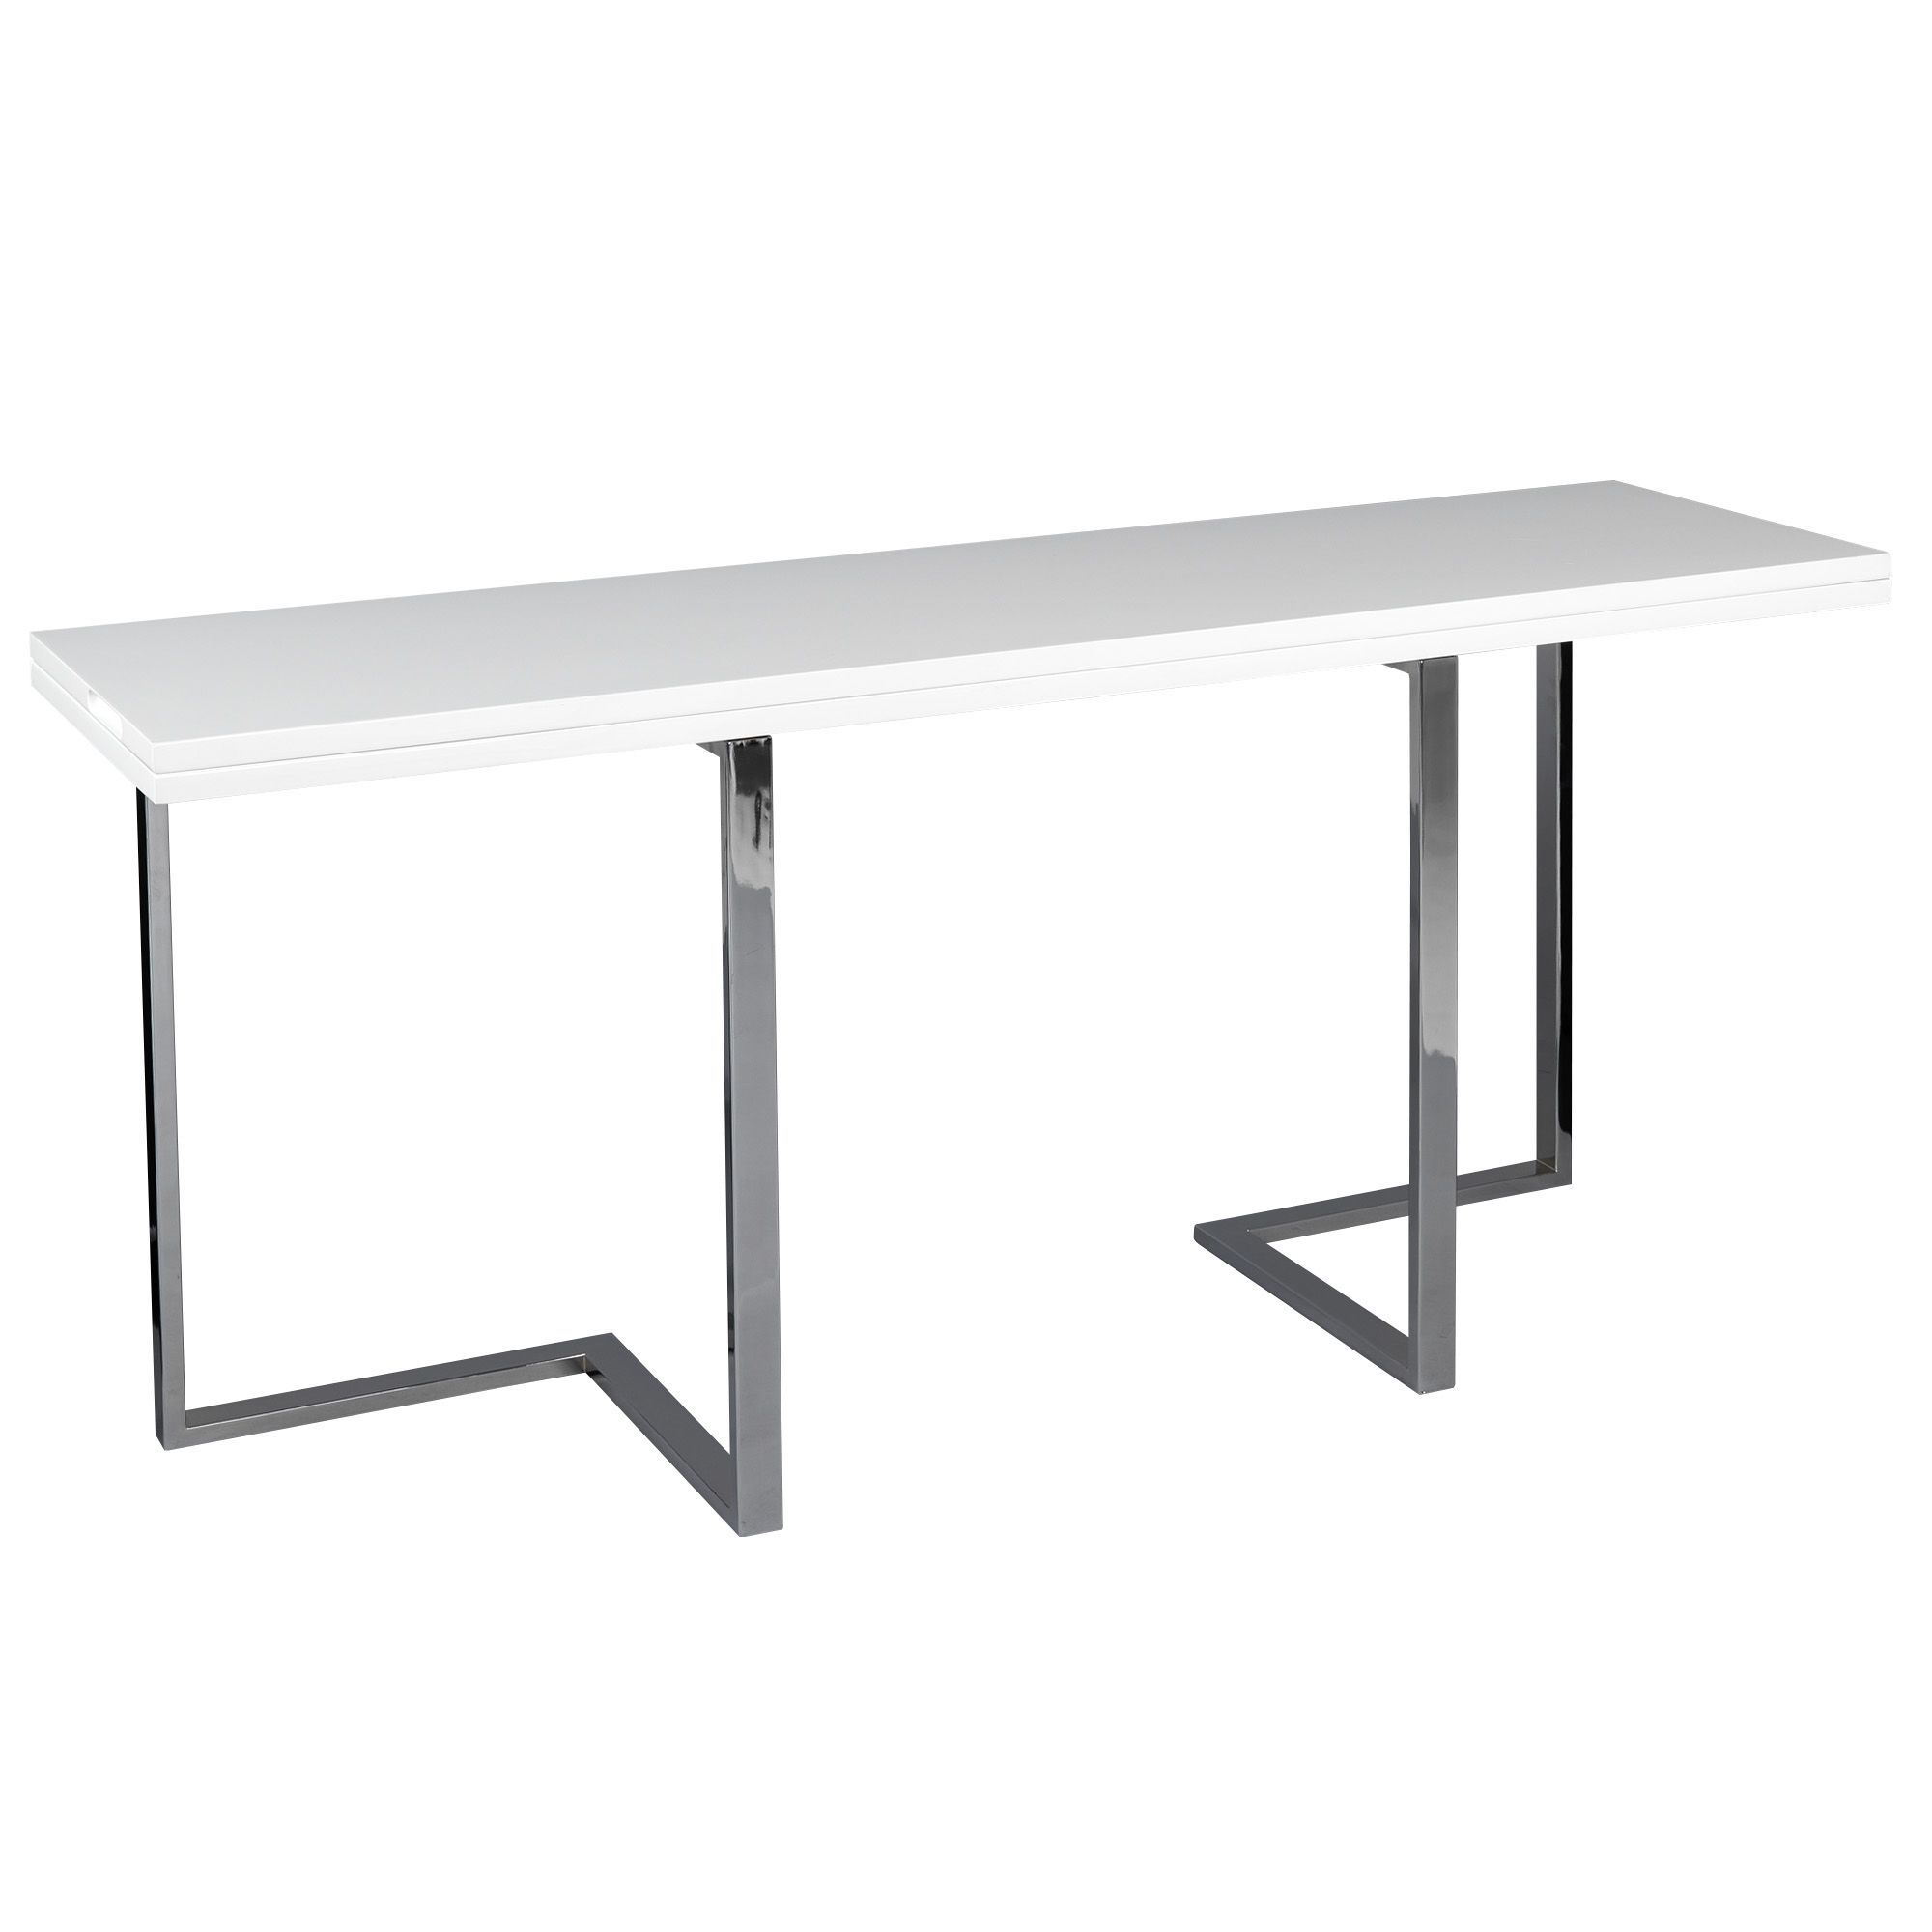 Table console avec rallonge intgre perfect console - Console extensible avec rallonges integrees ...